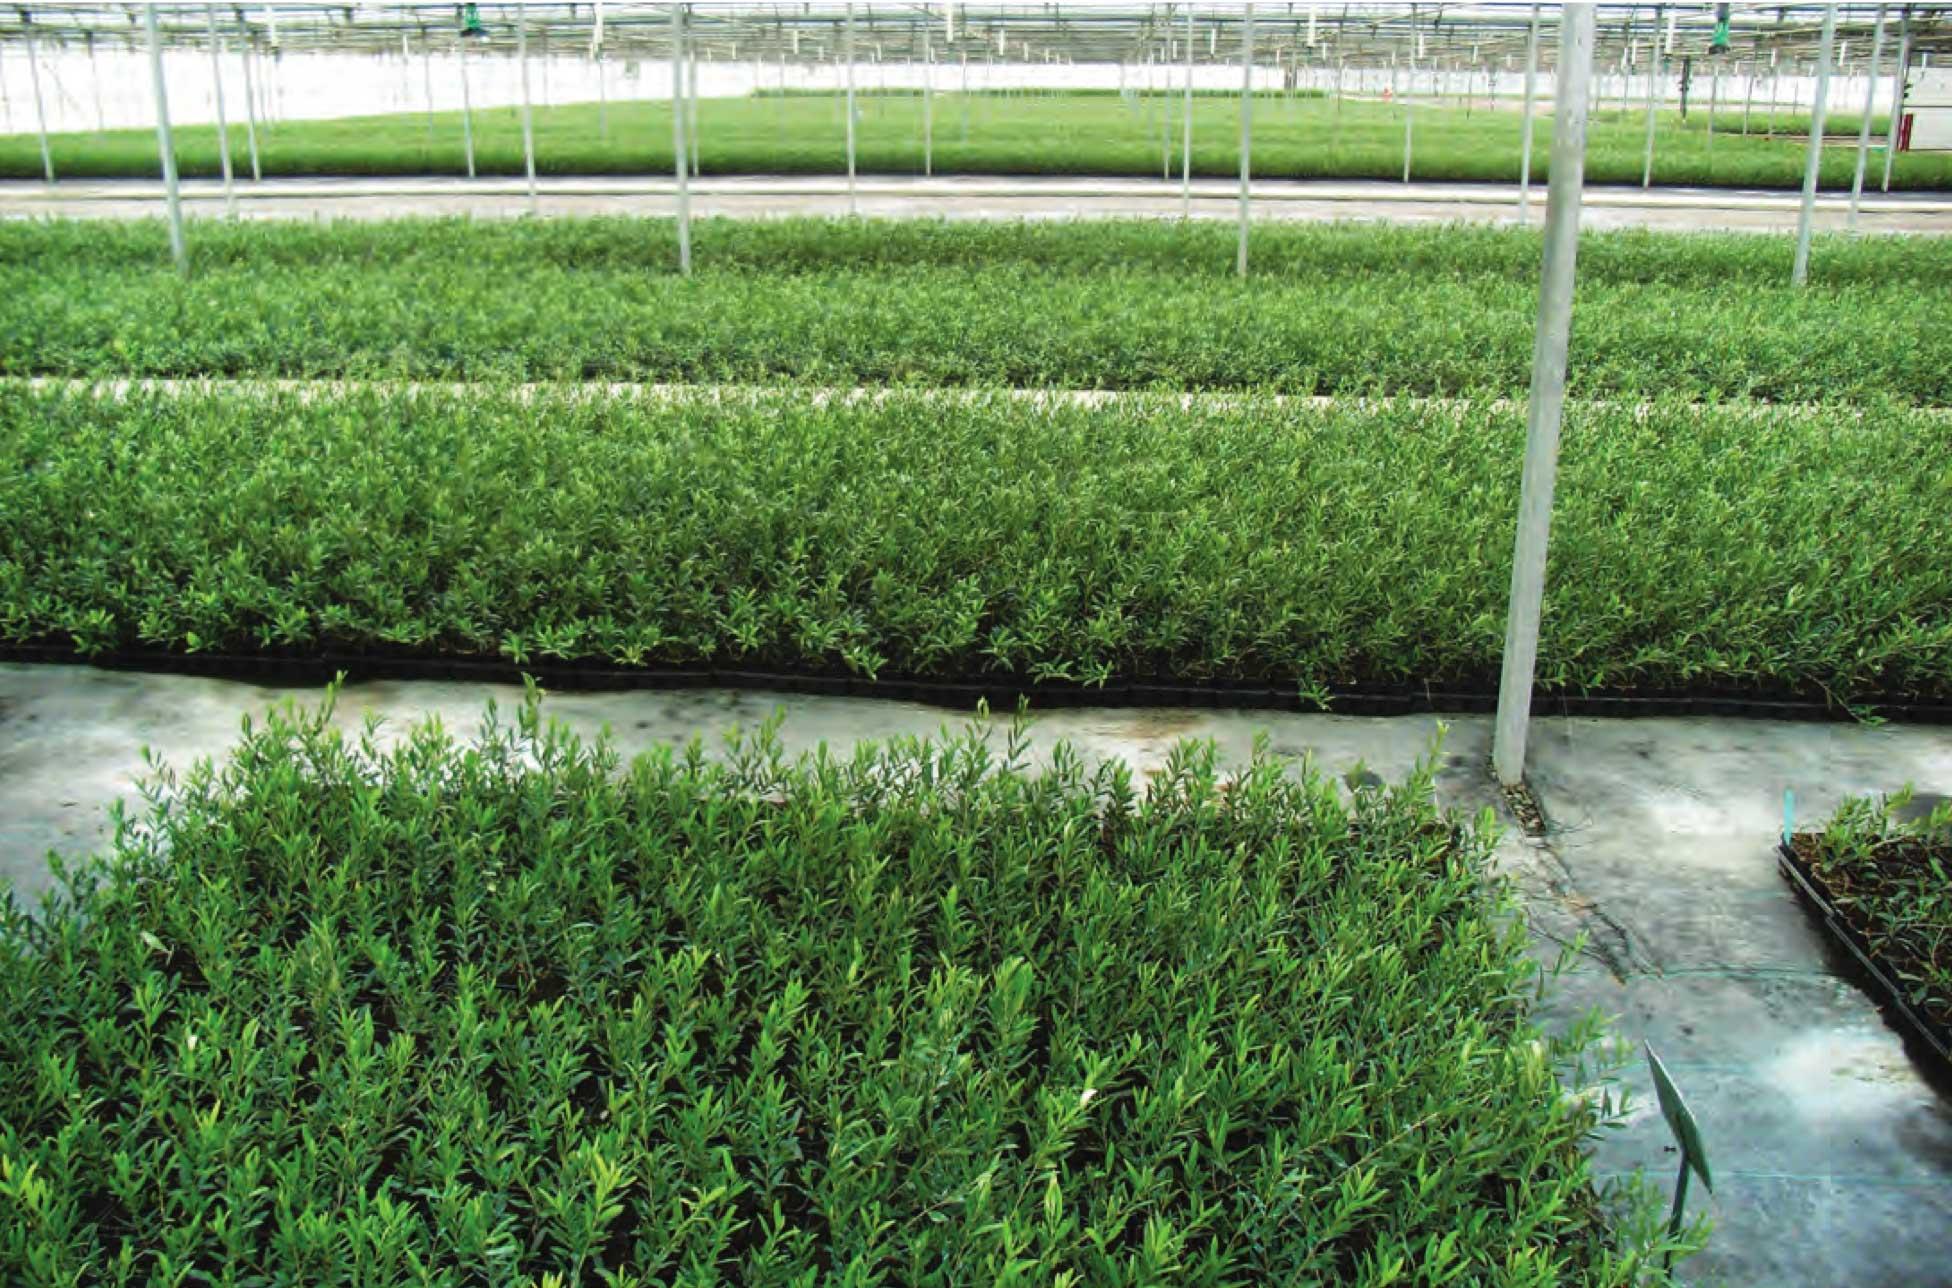 Plant sanitation